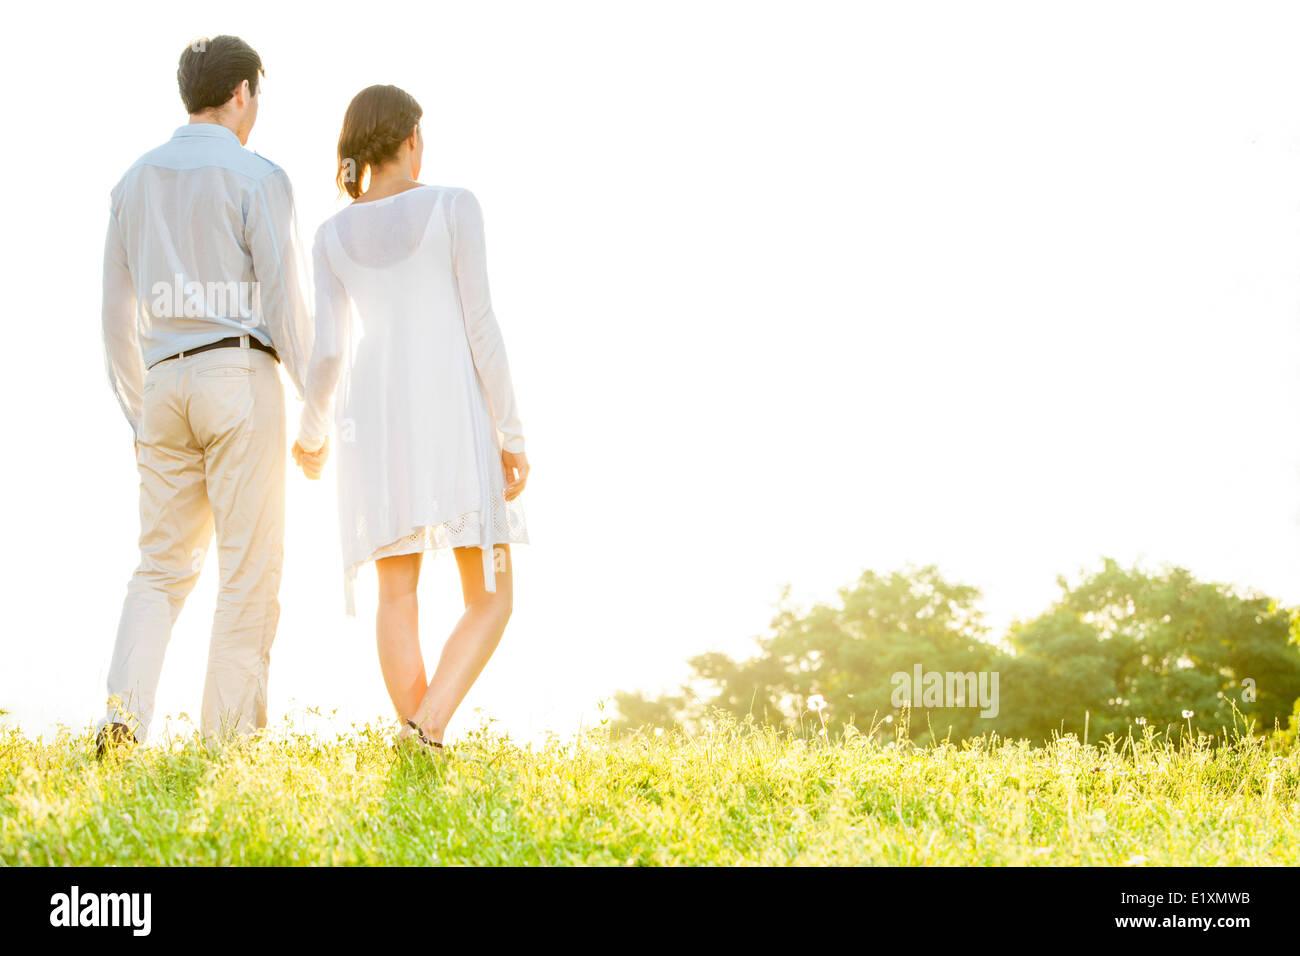 Vue arrière du jeune couple holding hands in park contre ciel clair Photo Stock